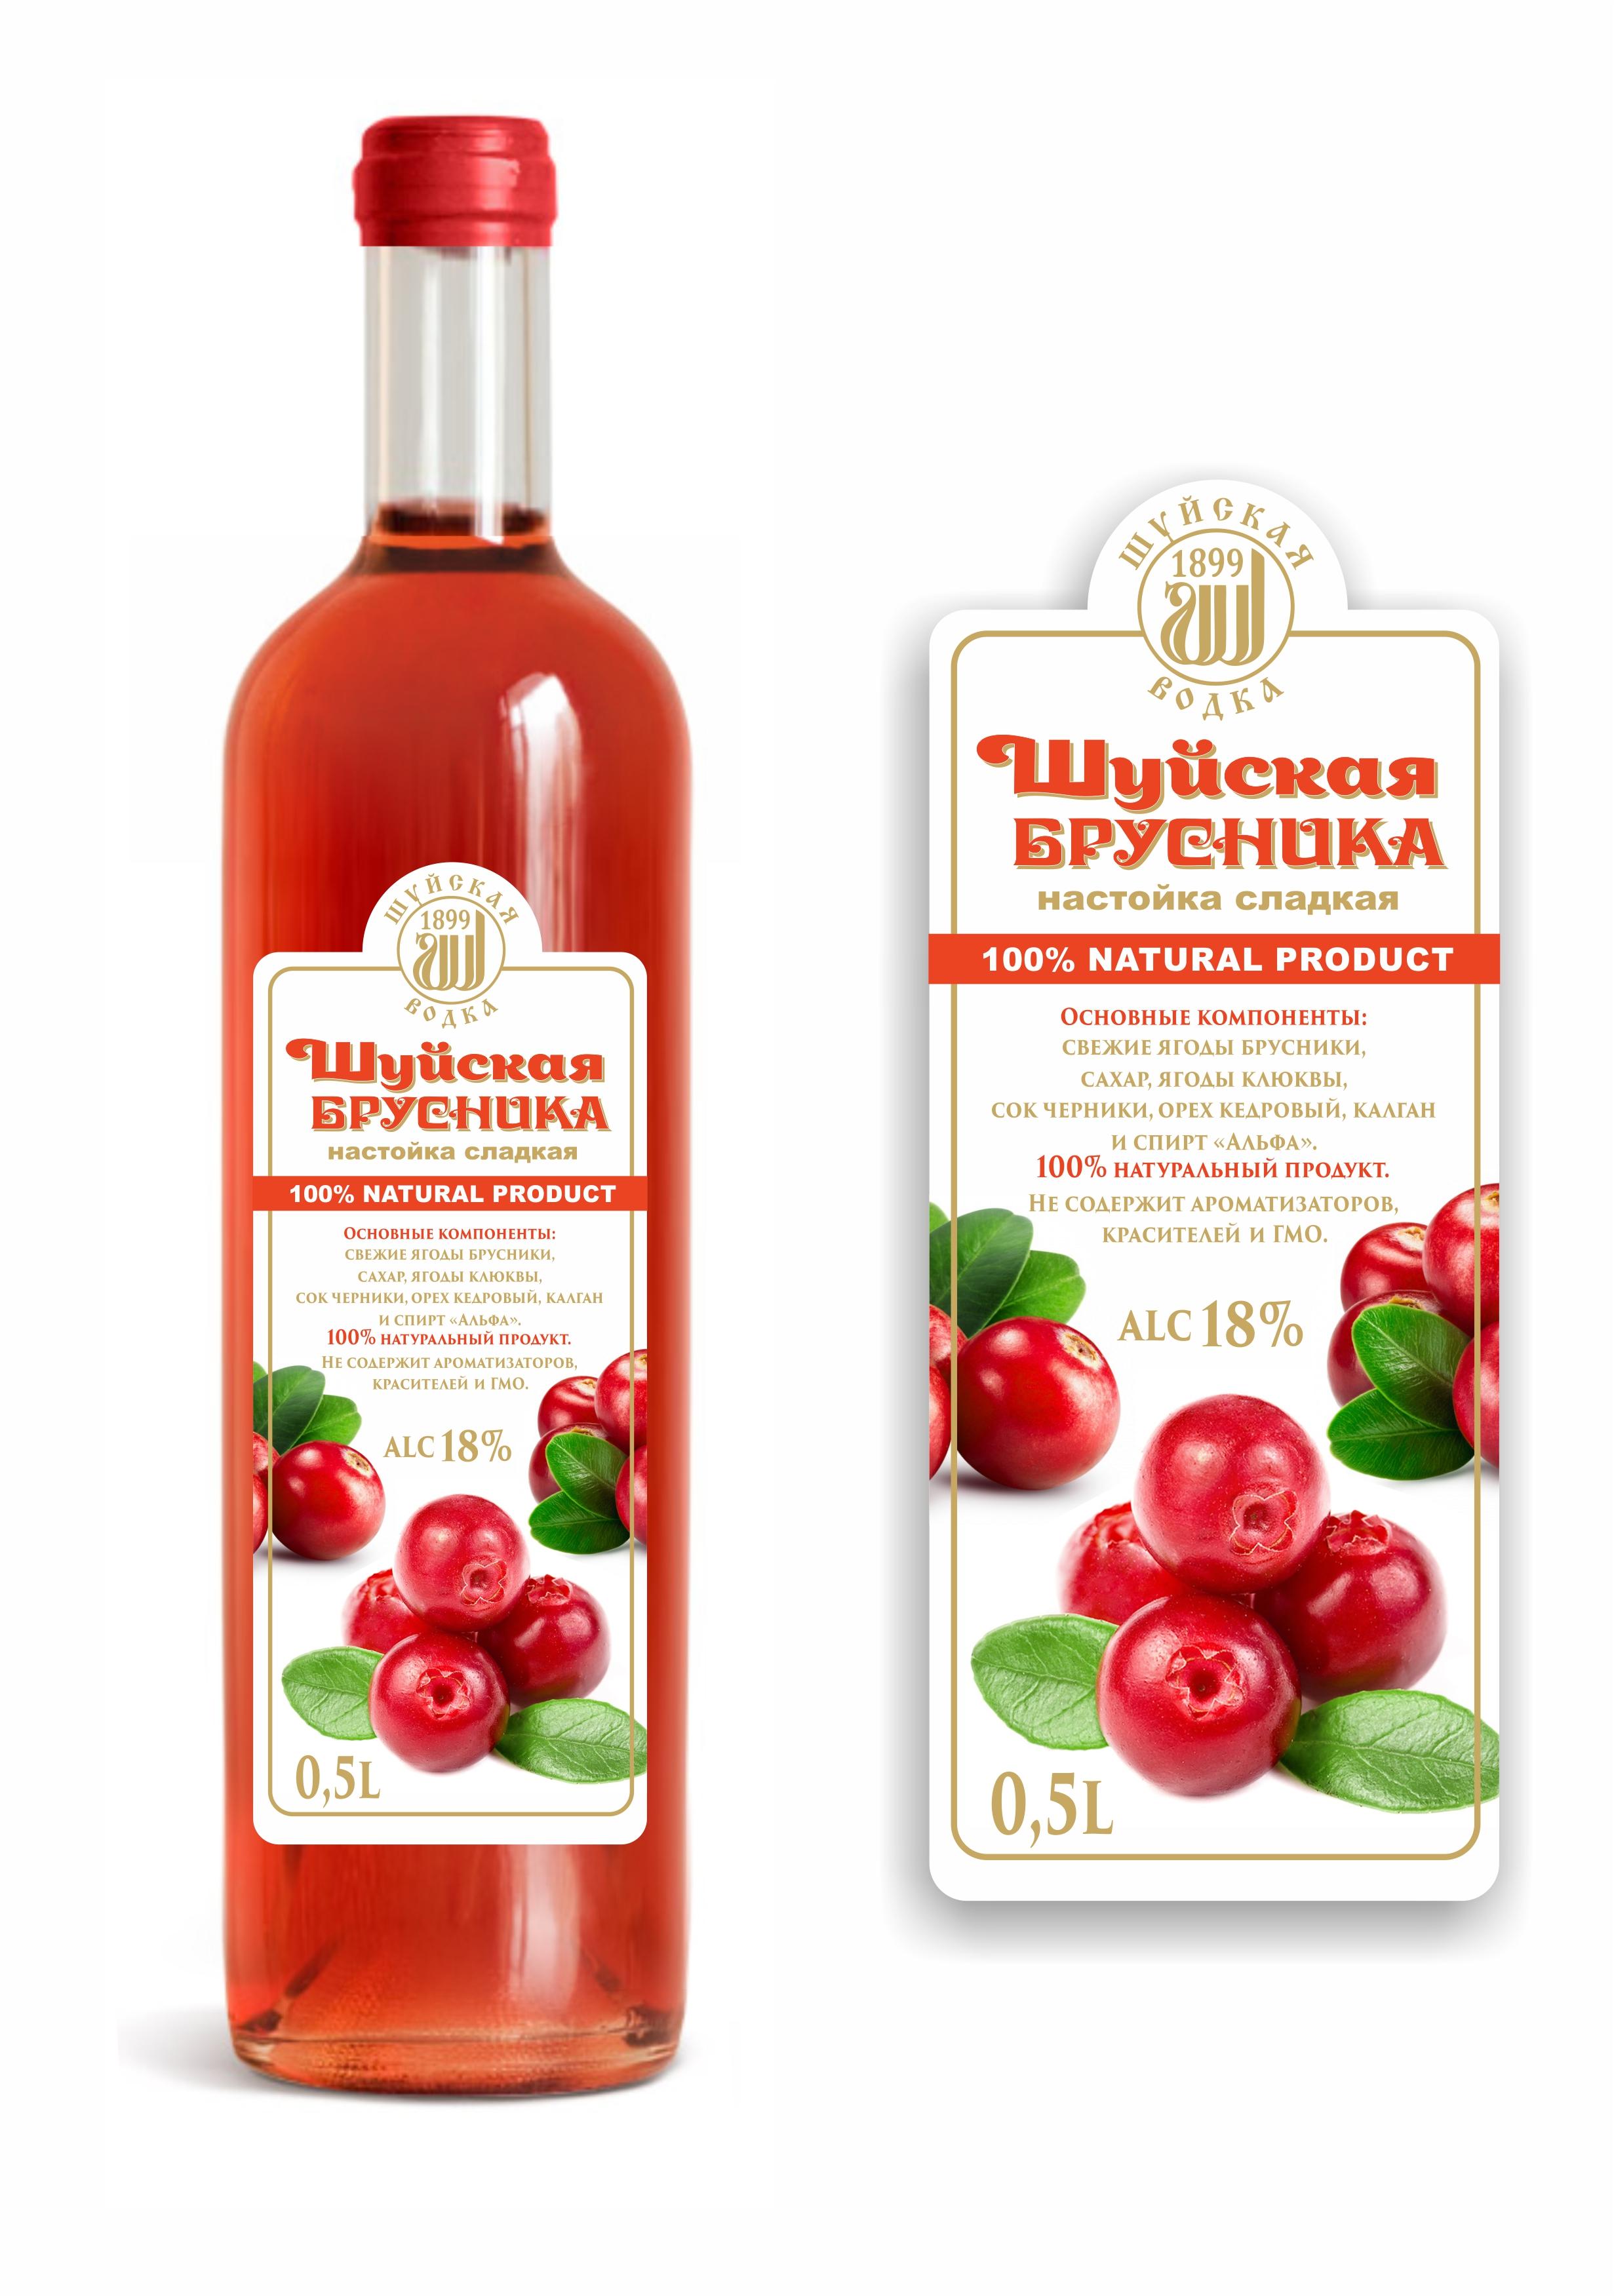 Дизайн этикетки алкогольного продукта (сладкая настойка) фото f_5885f86e4c0c4f7d.jpg